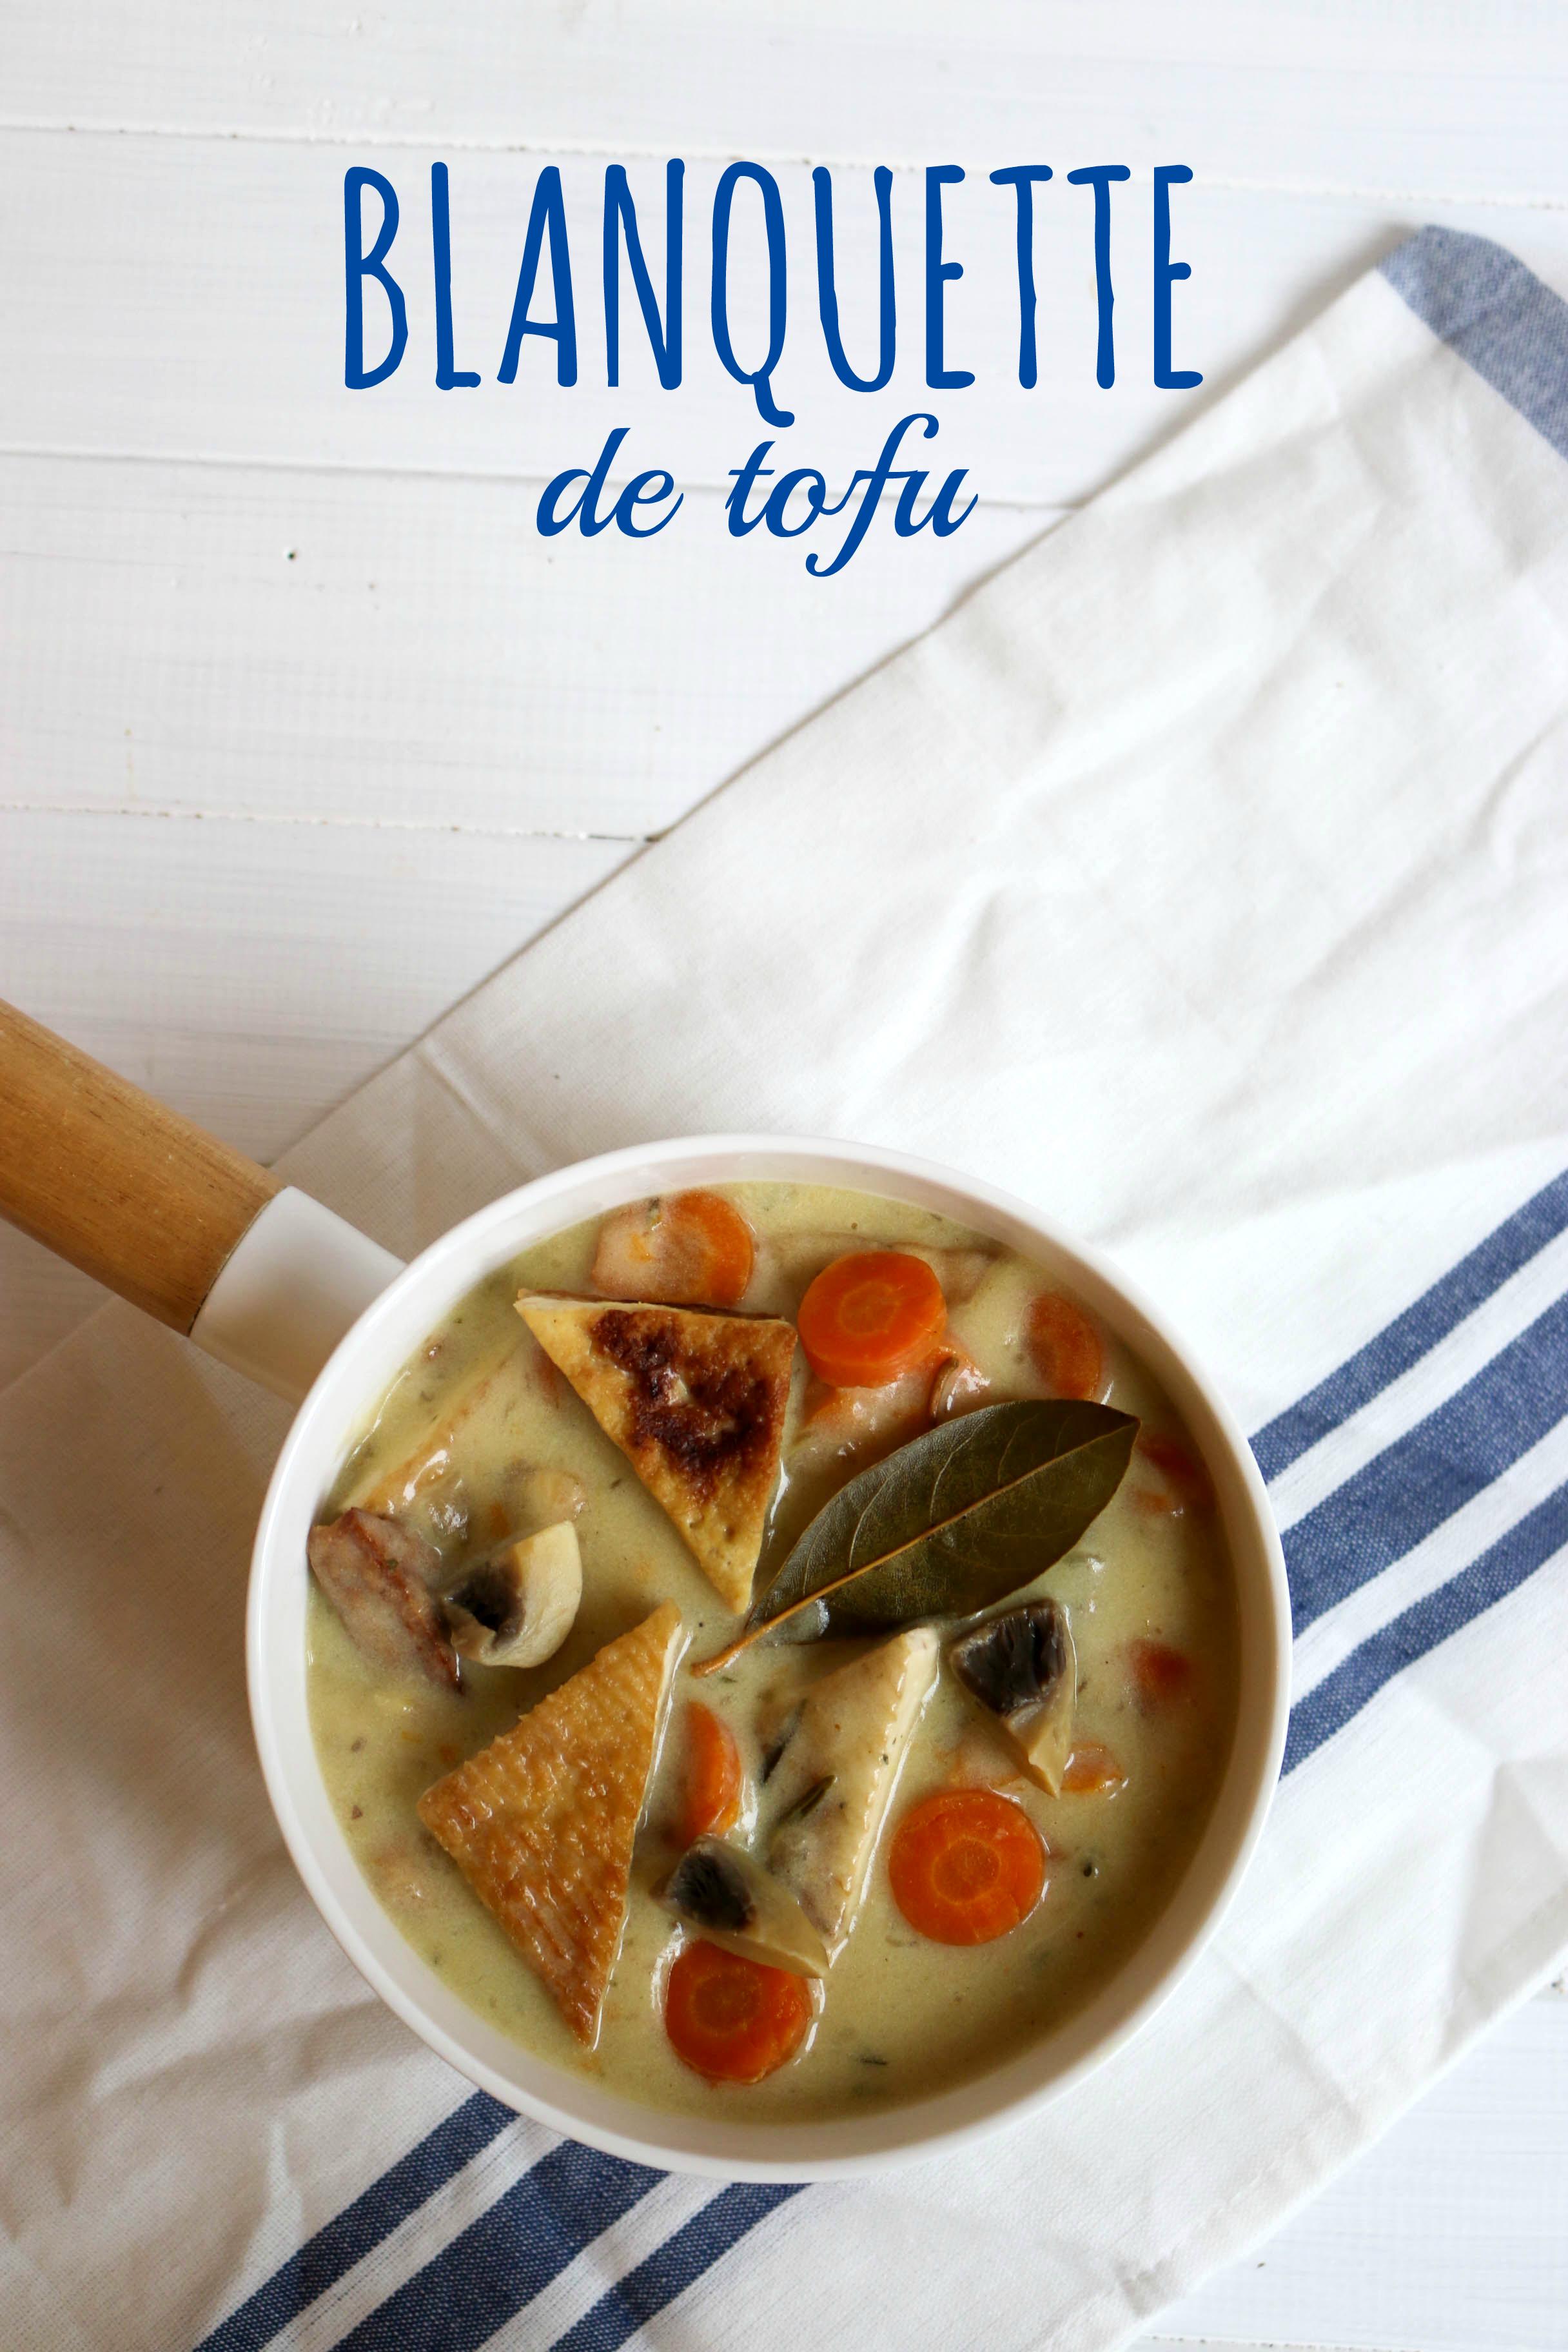 blanquette de tofu - recette végétalienne, vegan